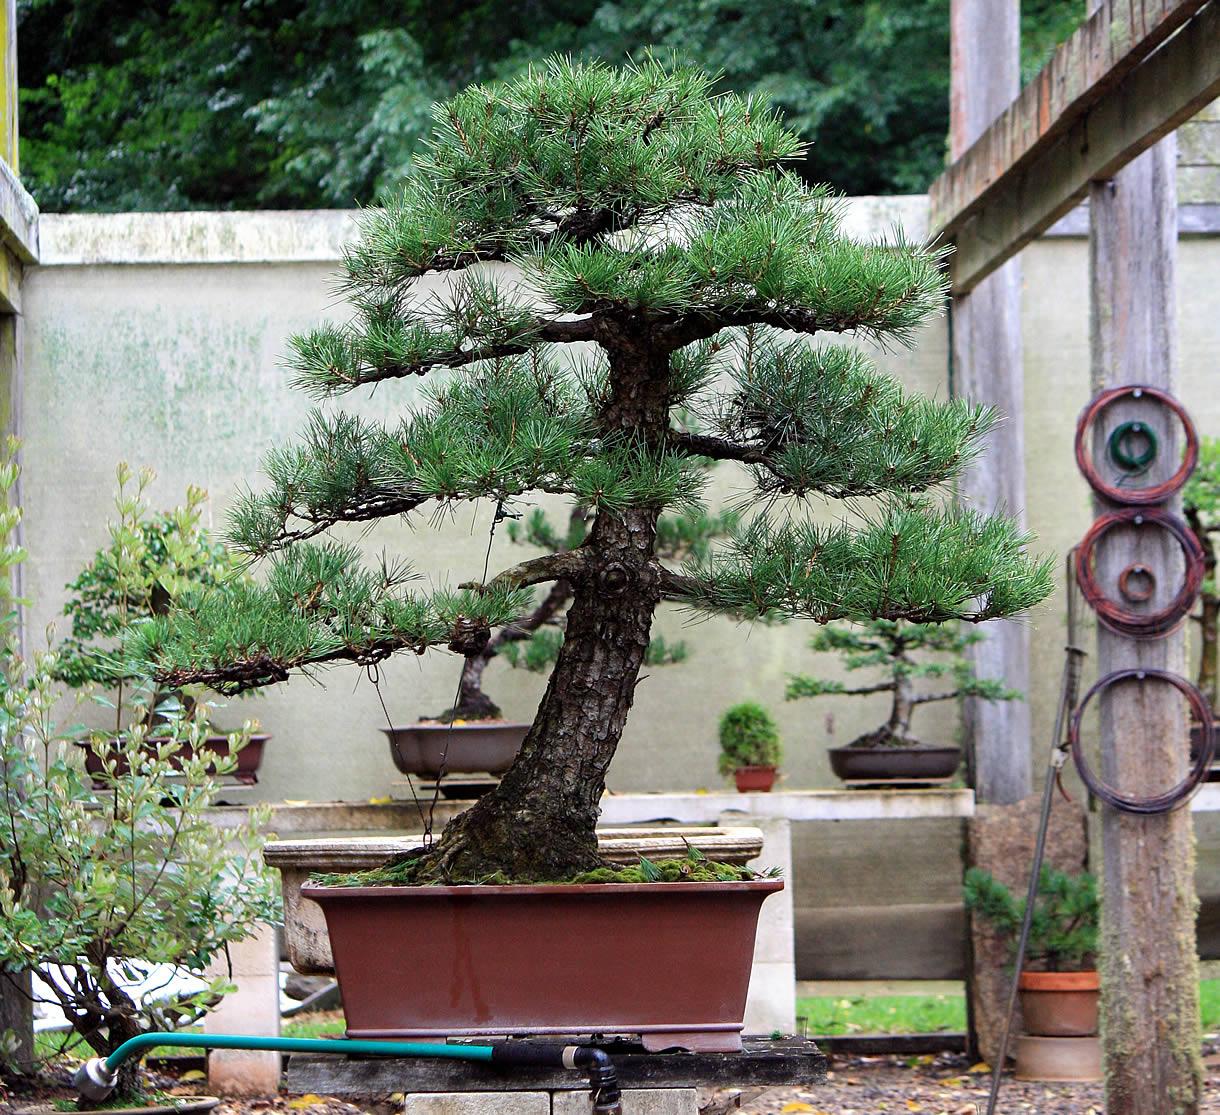 kuro-matsu-australian-bonsai-gallery-12